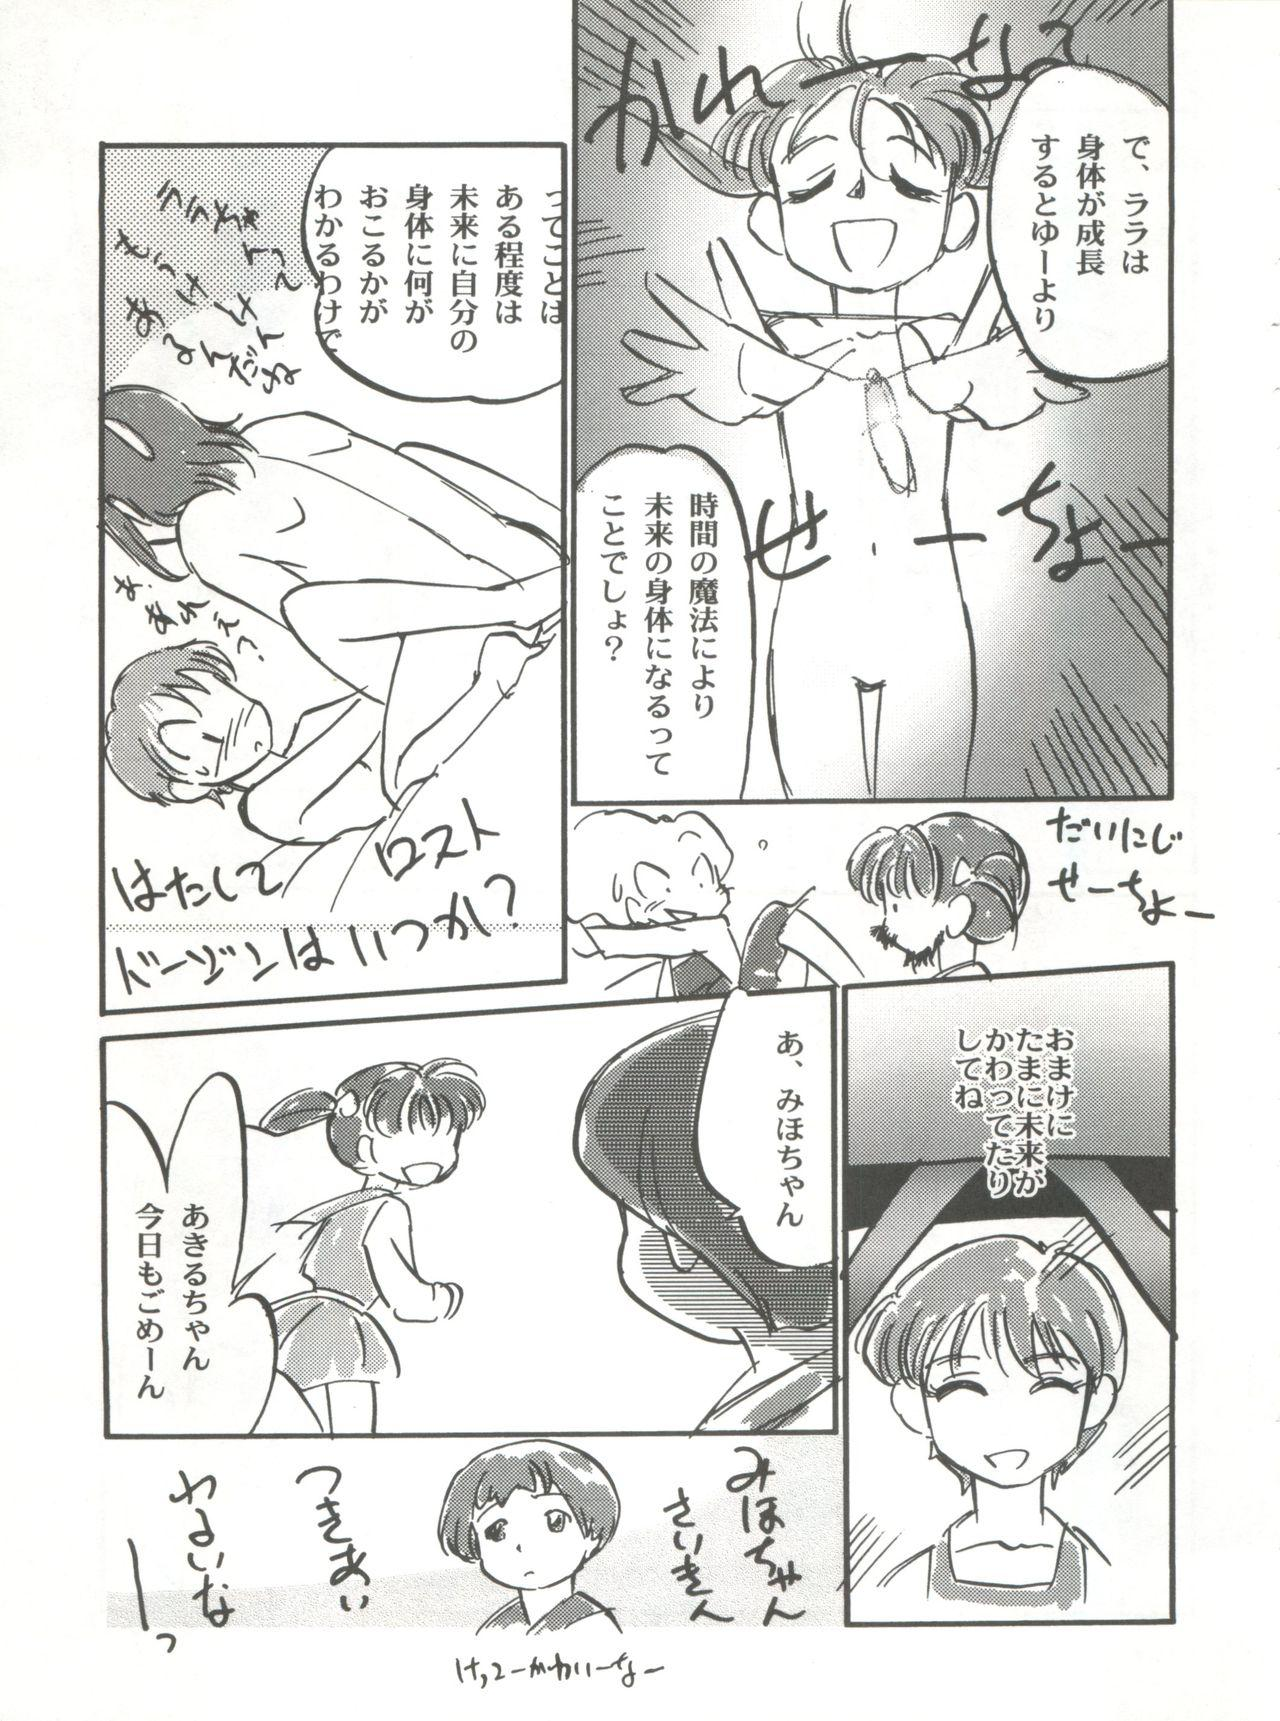 Mahou no Okusuri 35